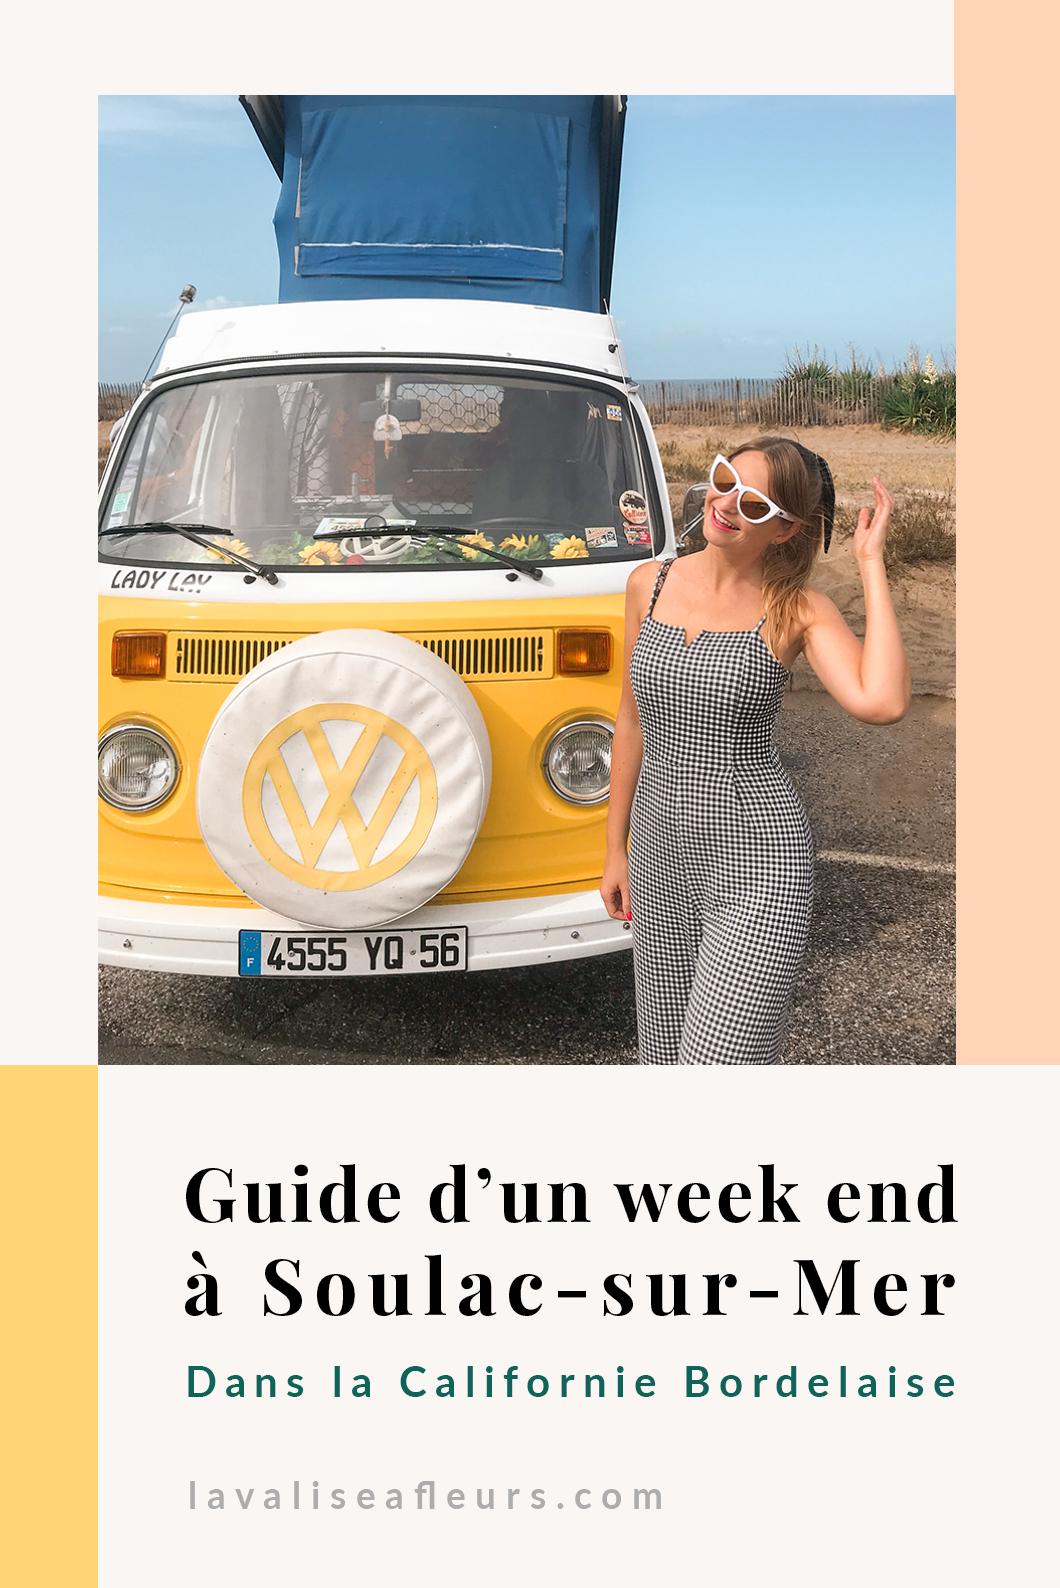 Guide d'un week end à Soulac-sur-Mer dans la Californie Bordelaise